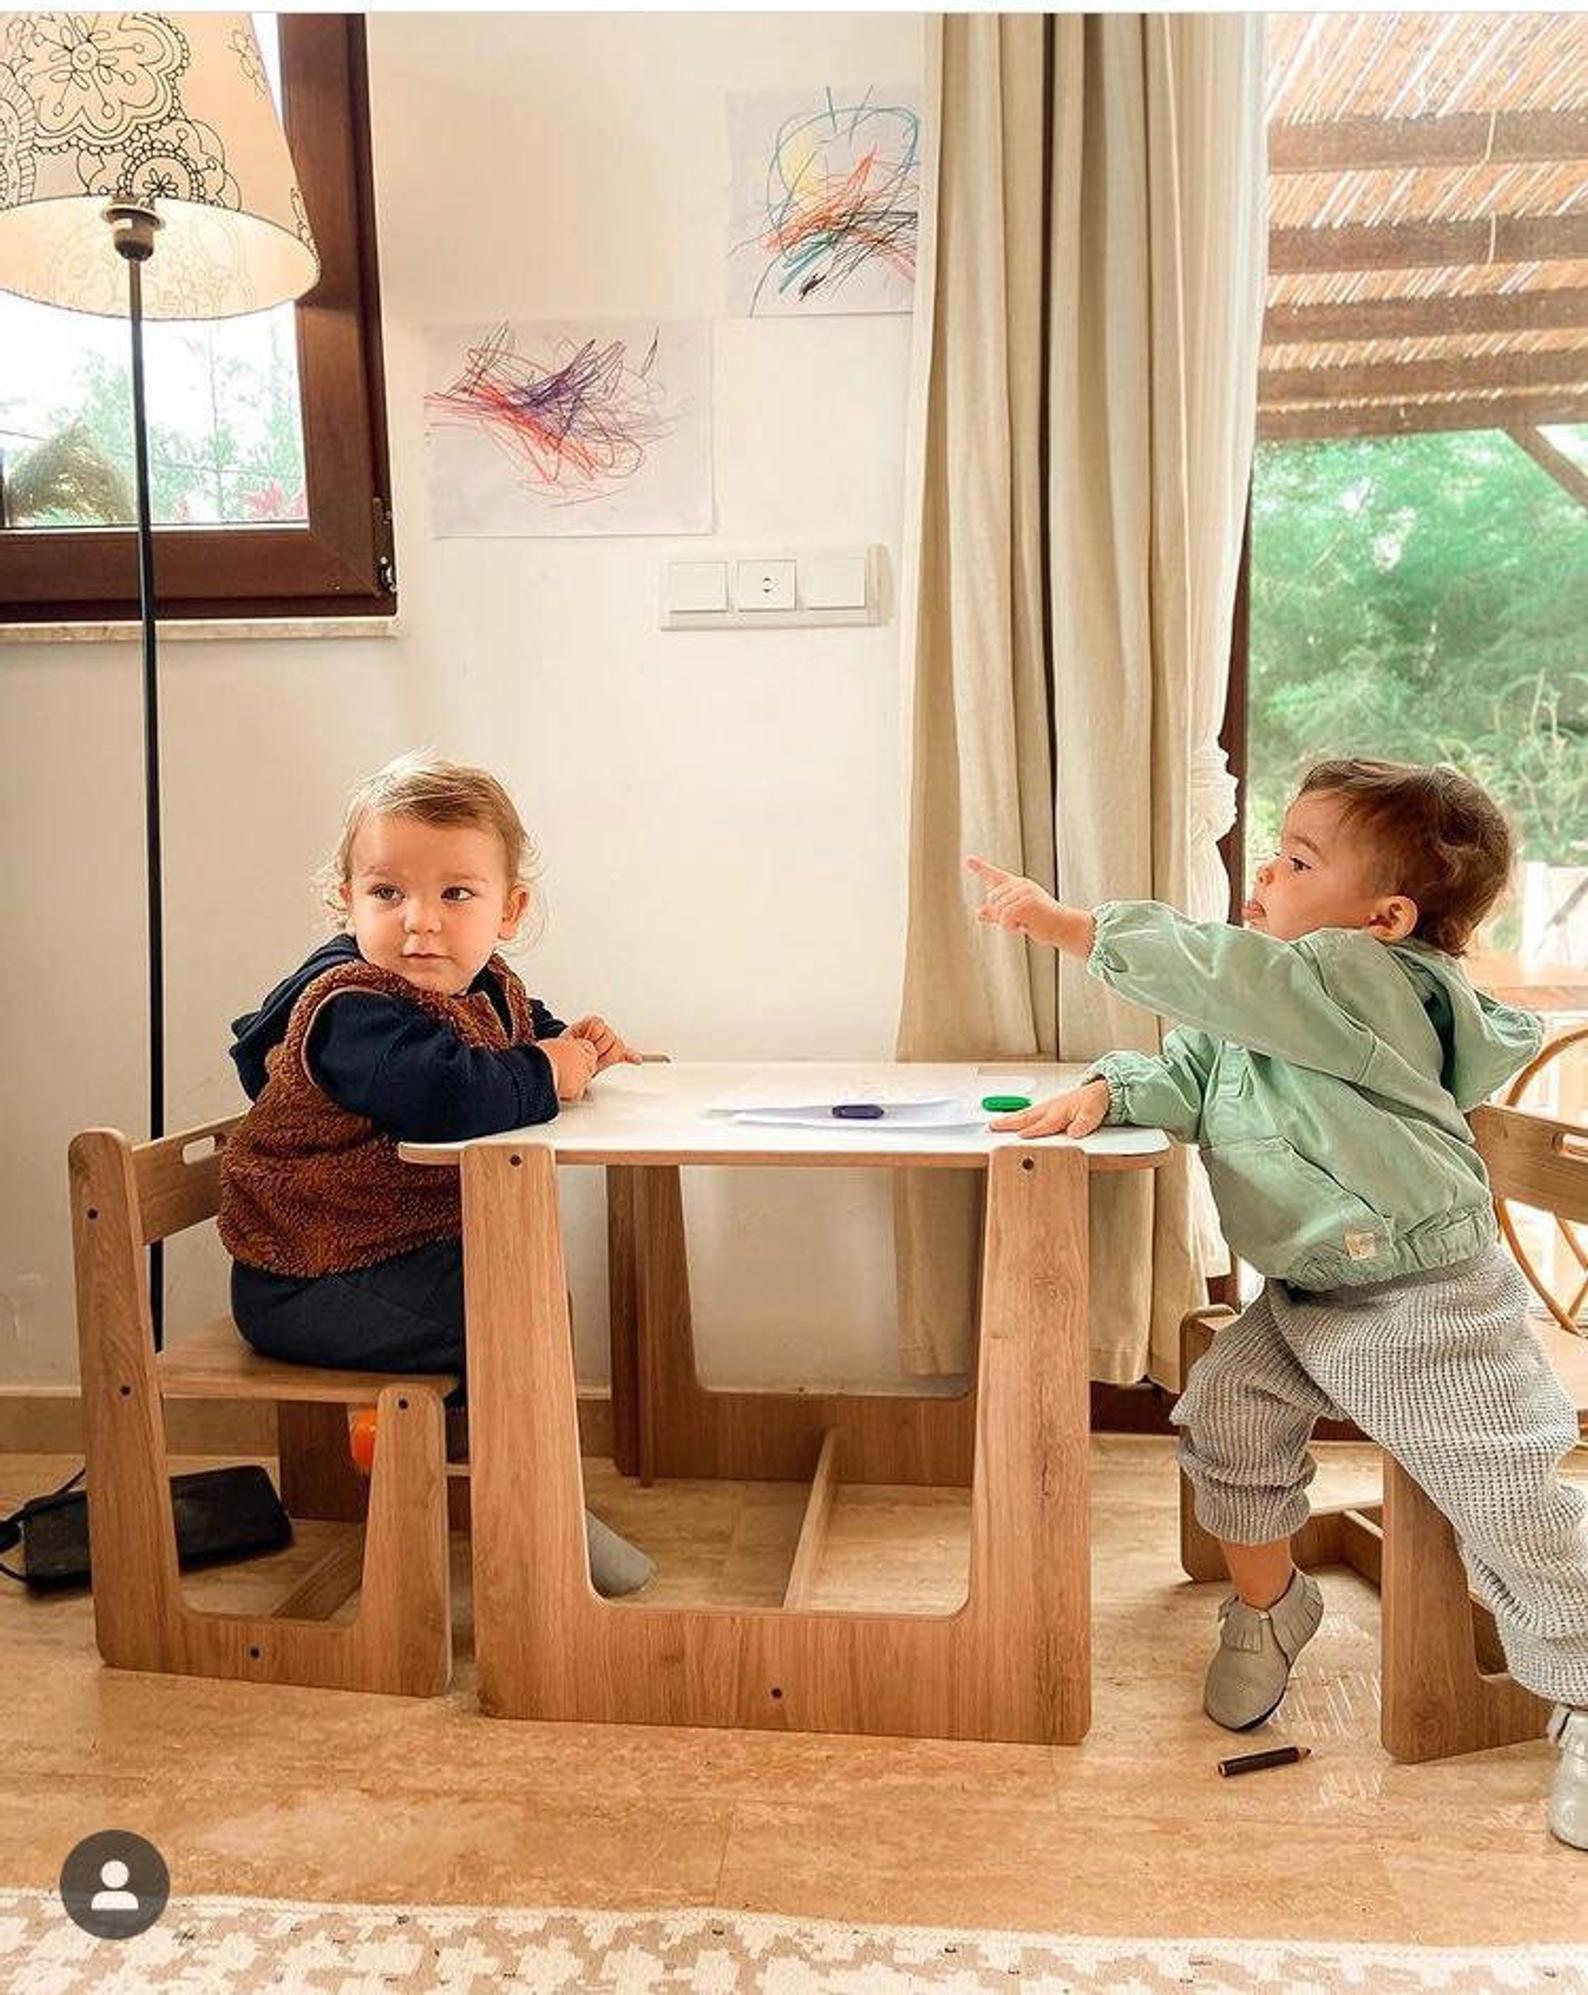 От 2 до 4 лет Монтессори стол, детский стол и стул набор, играть, обучение, детский стол, детская мебель, стул для младенцев детский стол и стул ...